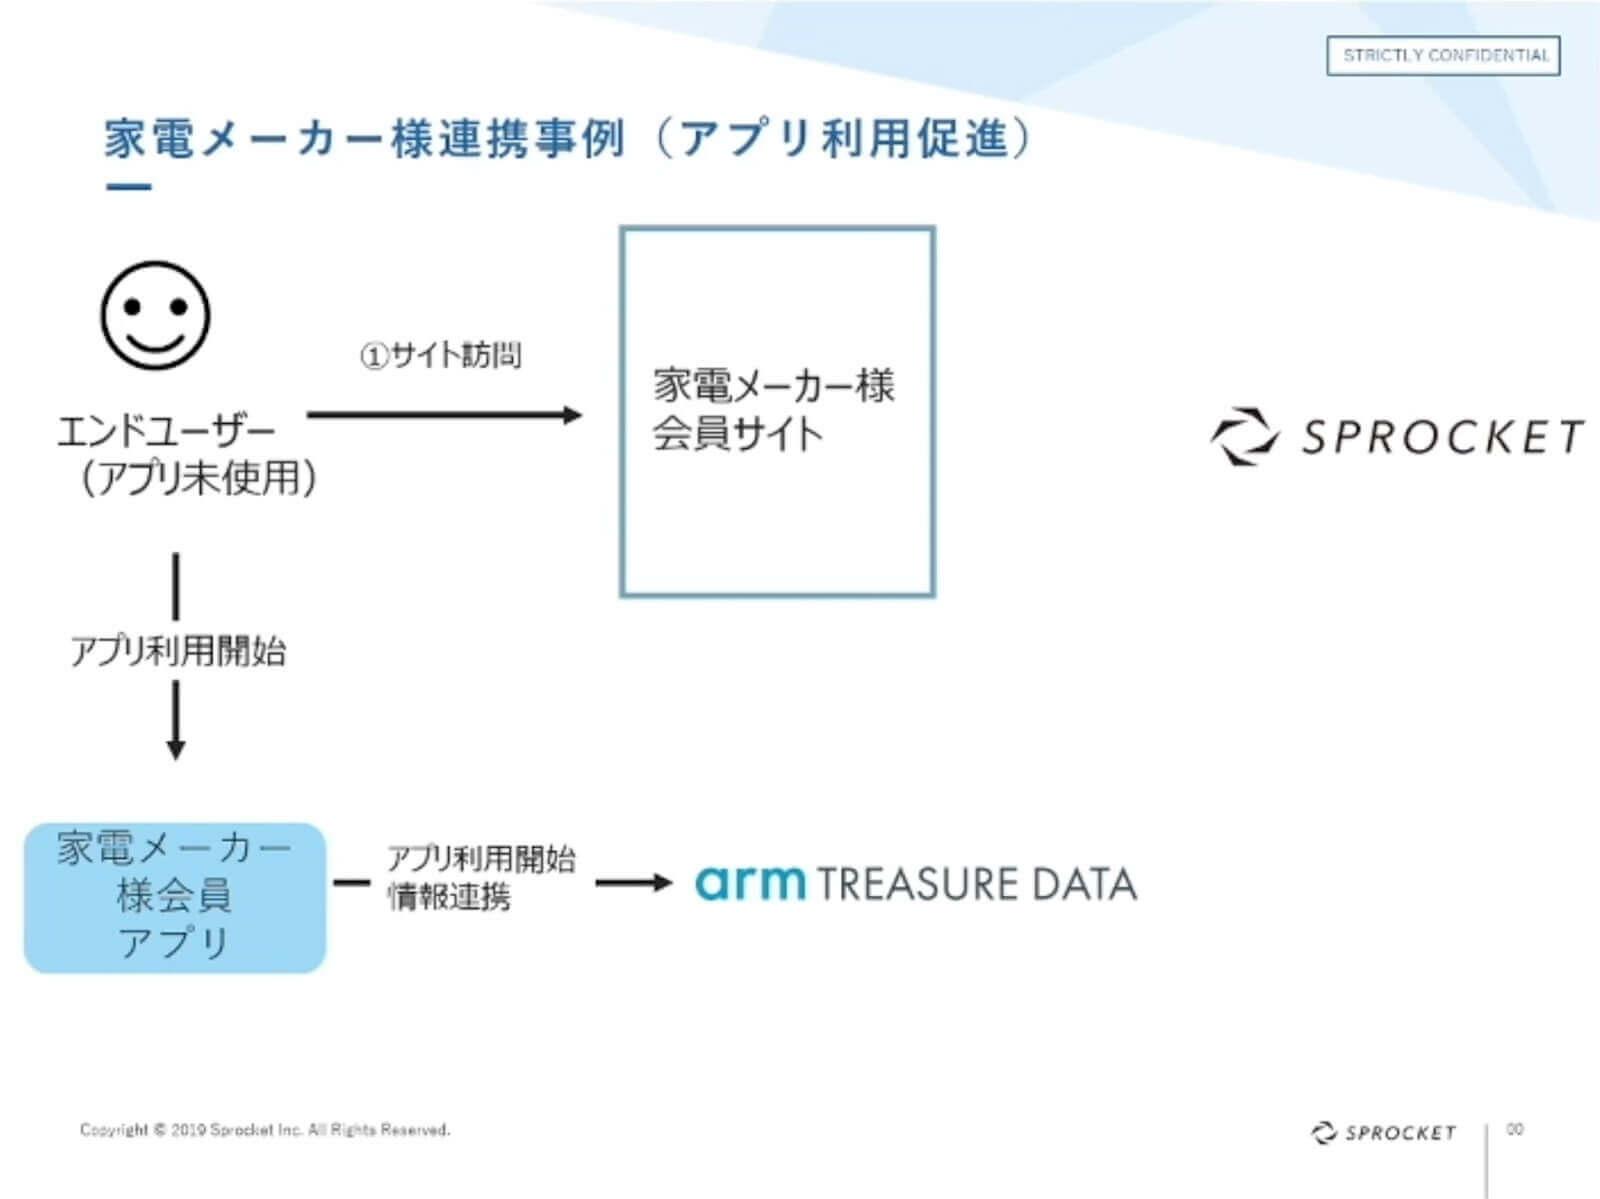 資料:家電メーカー様連携事例(アプリ利用促進)